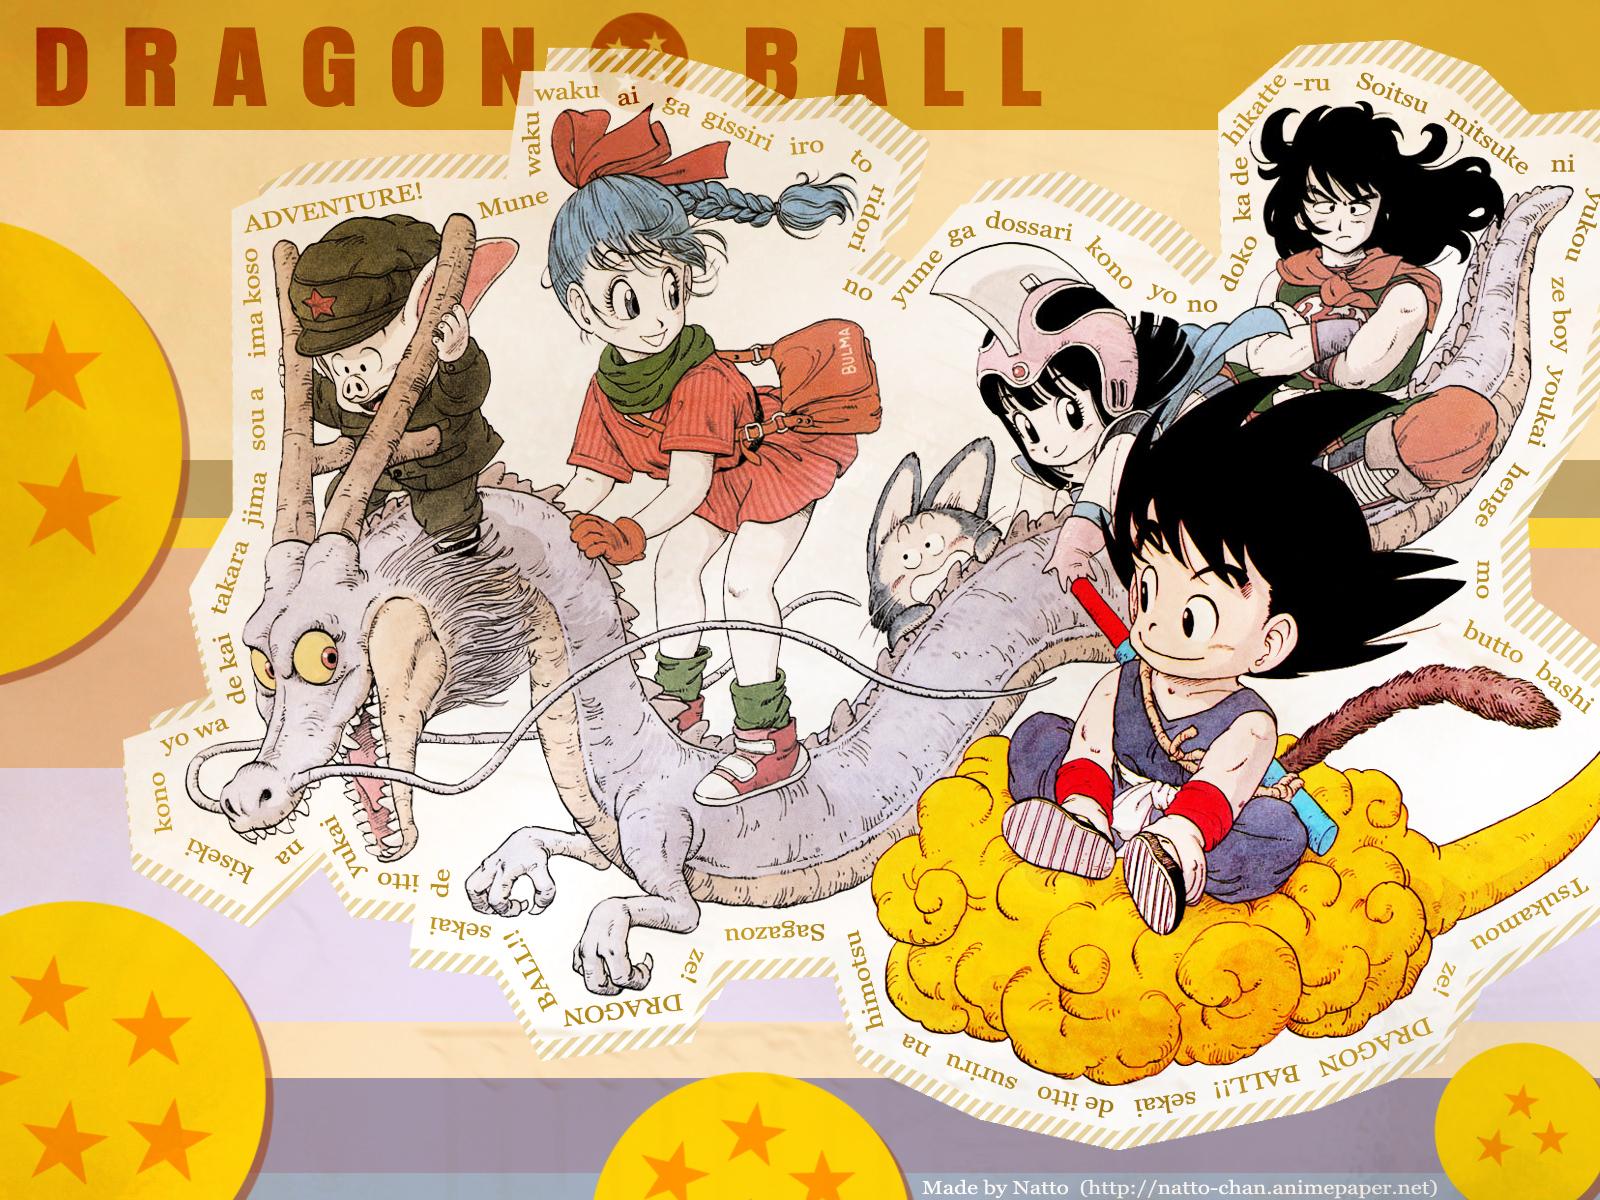 Dragon Ball  C2 B7 Download Dragon Ball Image